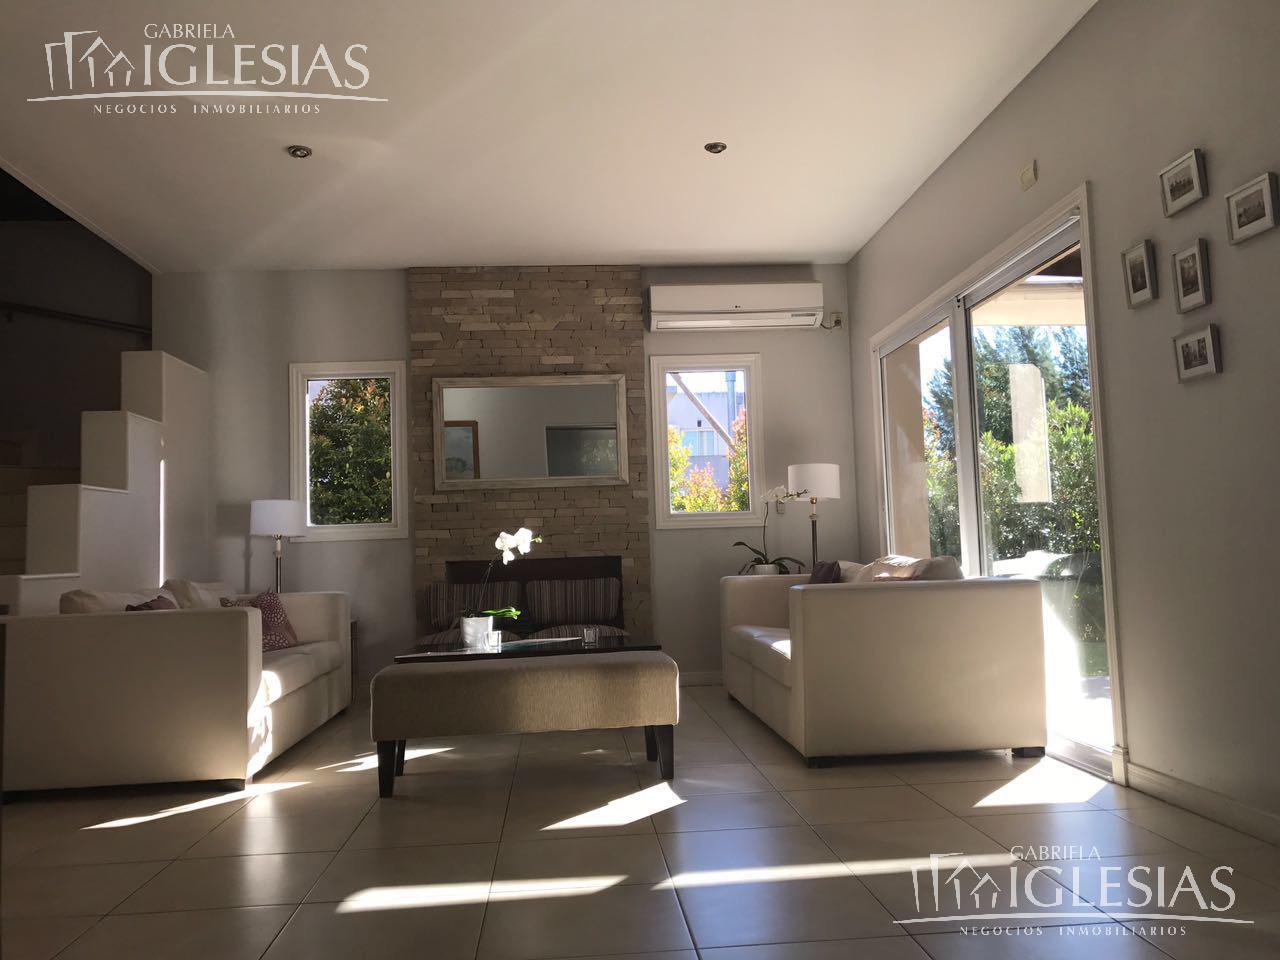 Casa en Venta en Los Sauces a Venta - u$s 490.000